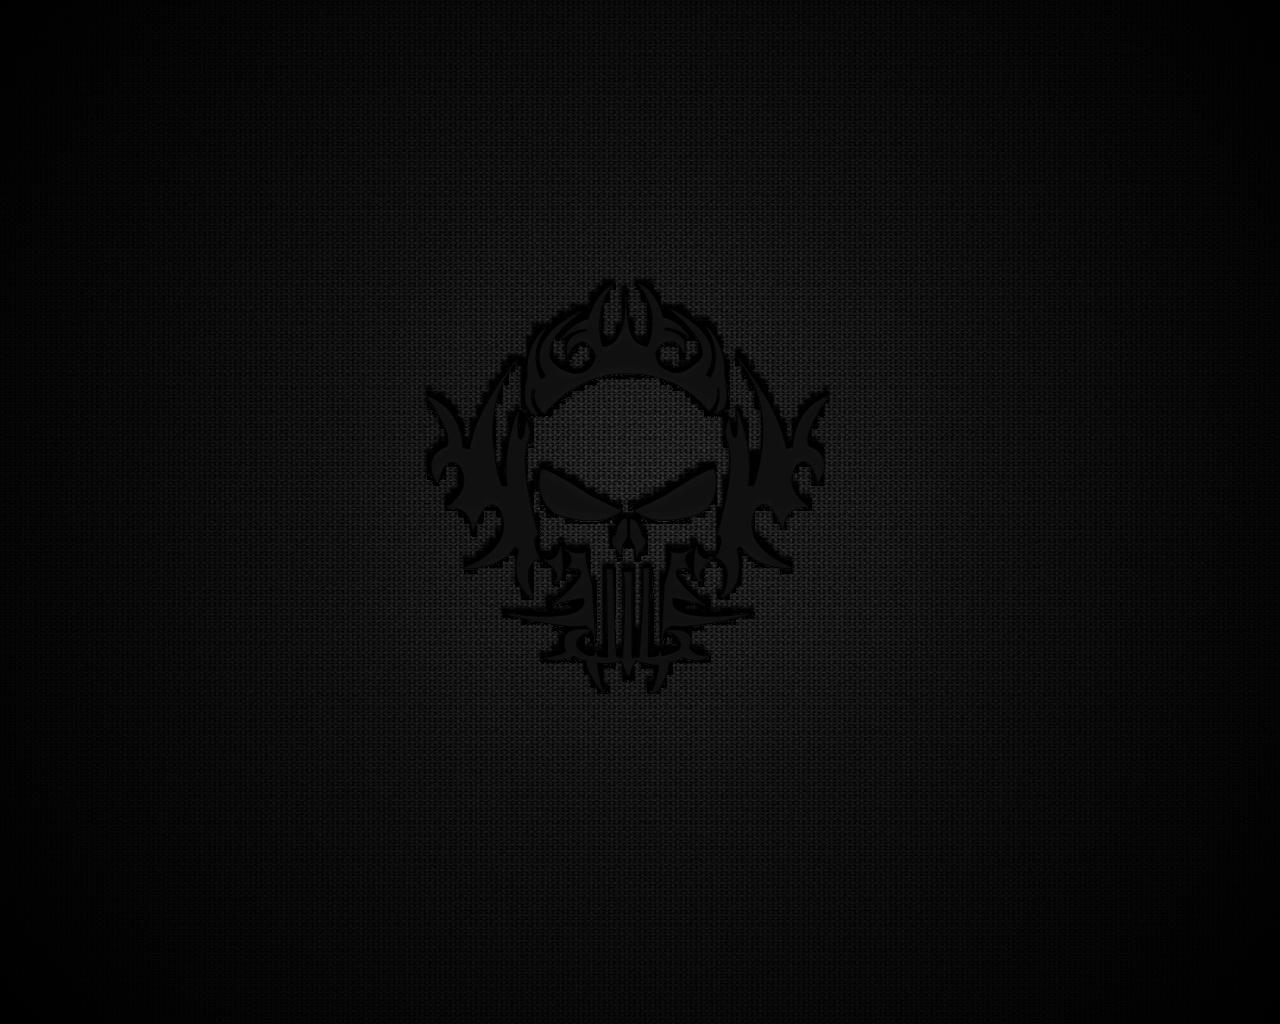 black wallpaper 1280x1024: Black Skull Wallpaper